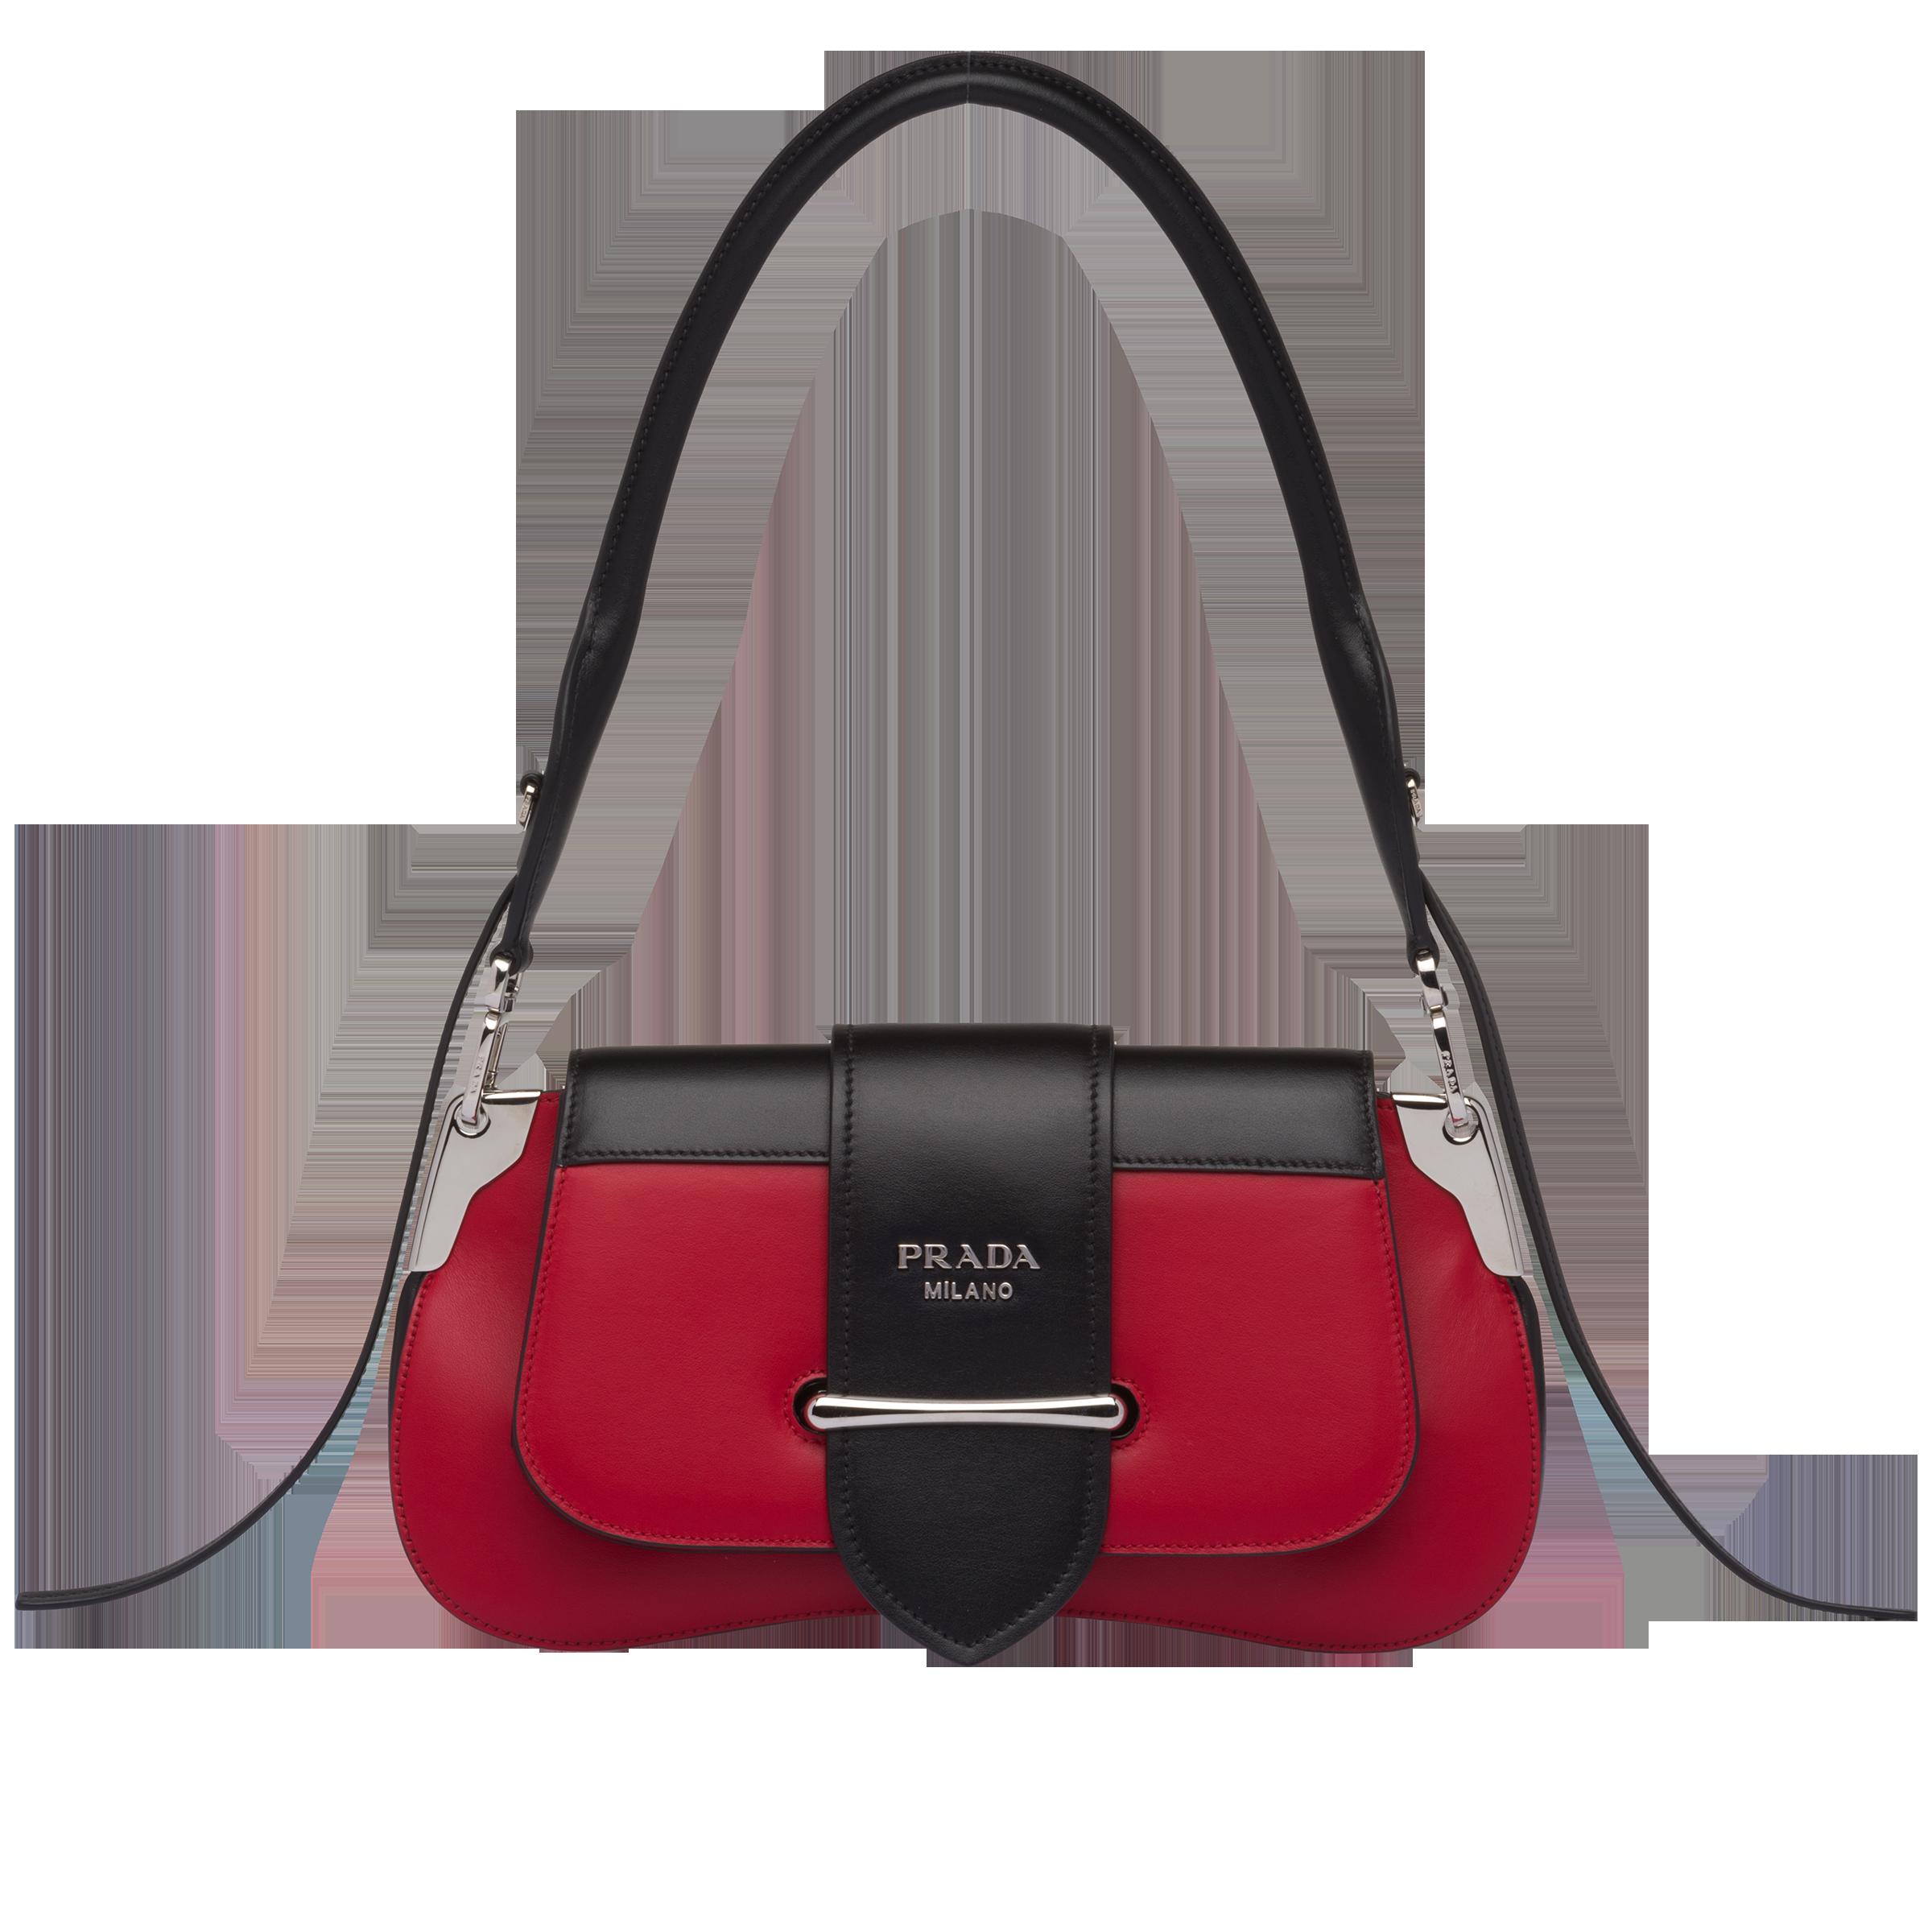 9da35d6e Prada Sidonie leather shoulder bag